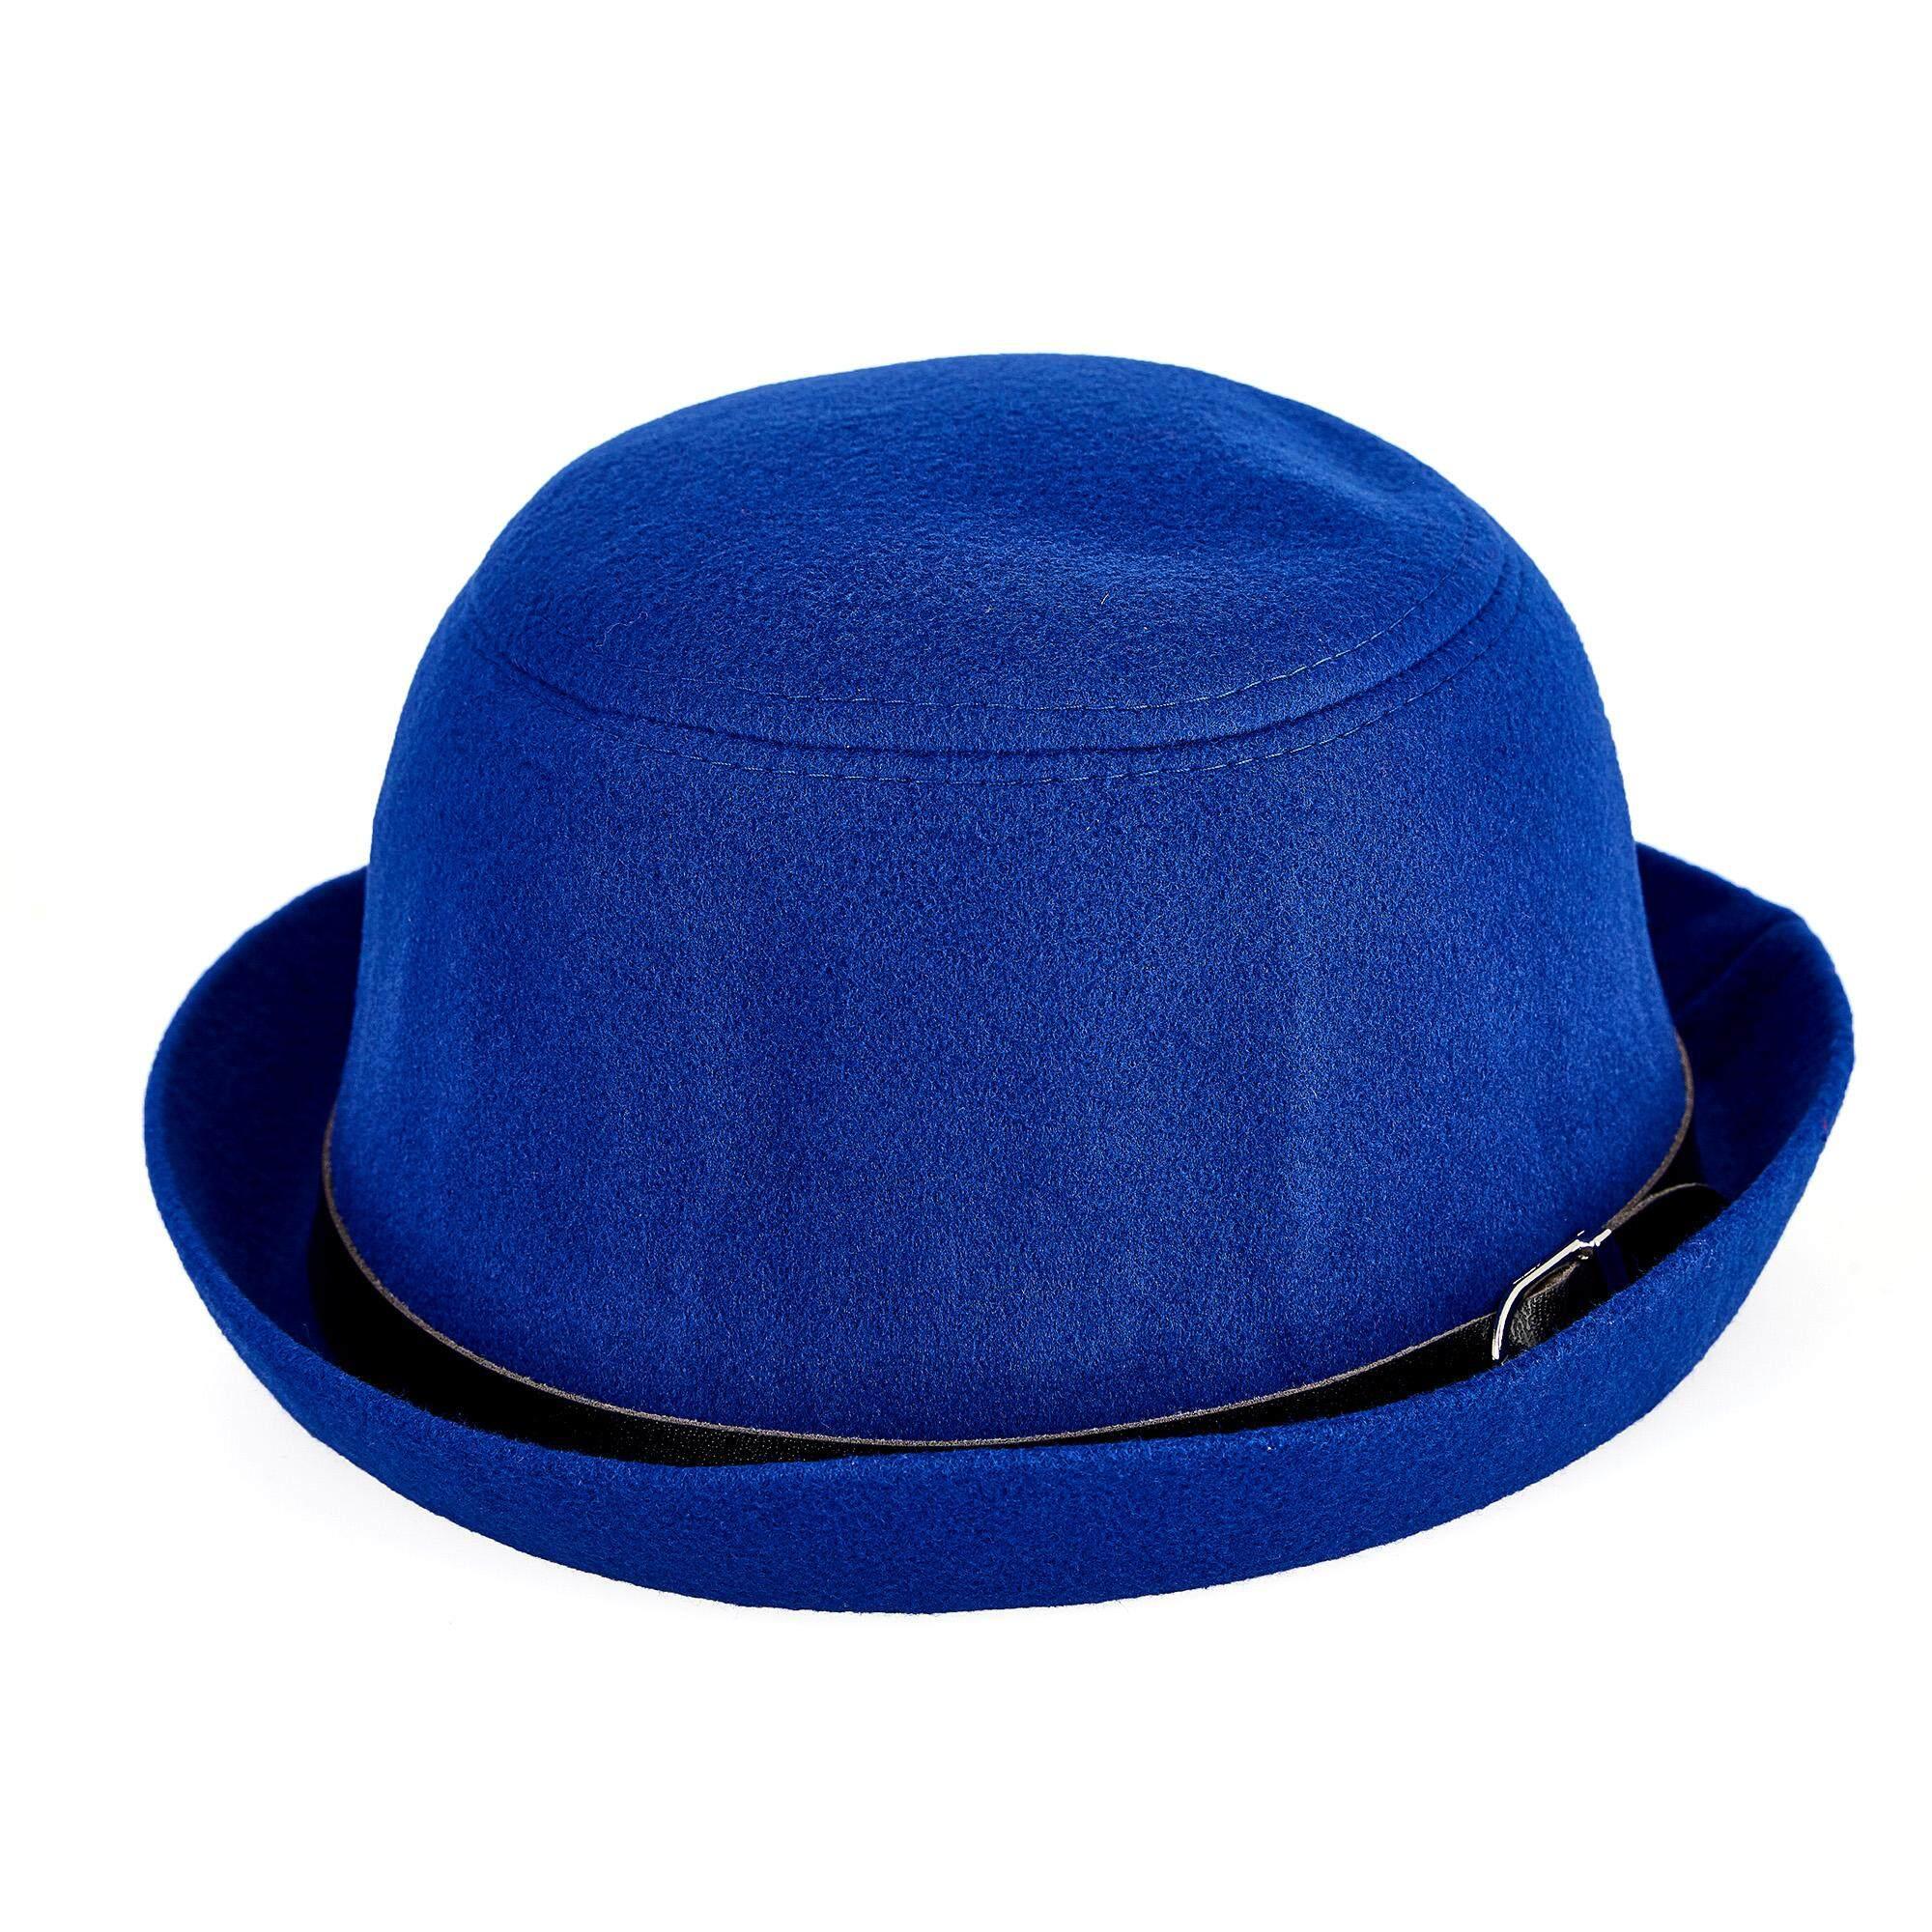 หมวกแฟชั่นทรงกลมสีน้ำเงิน (สำหรับเด็ก) รุ่น Hl971212.